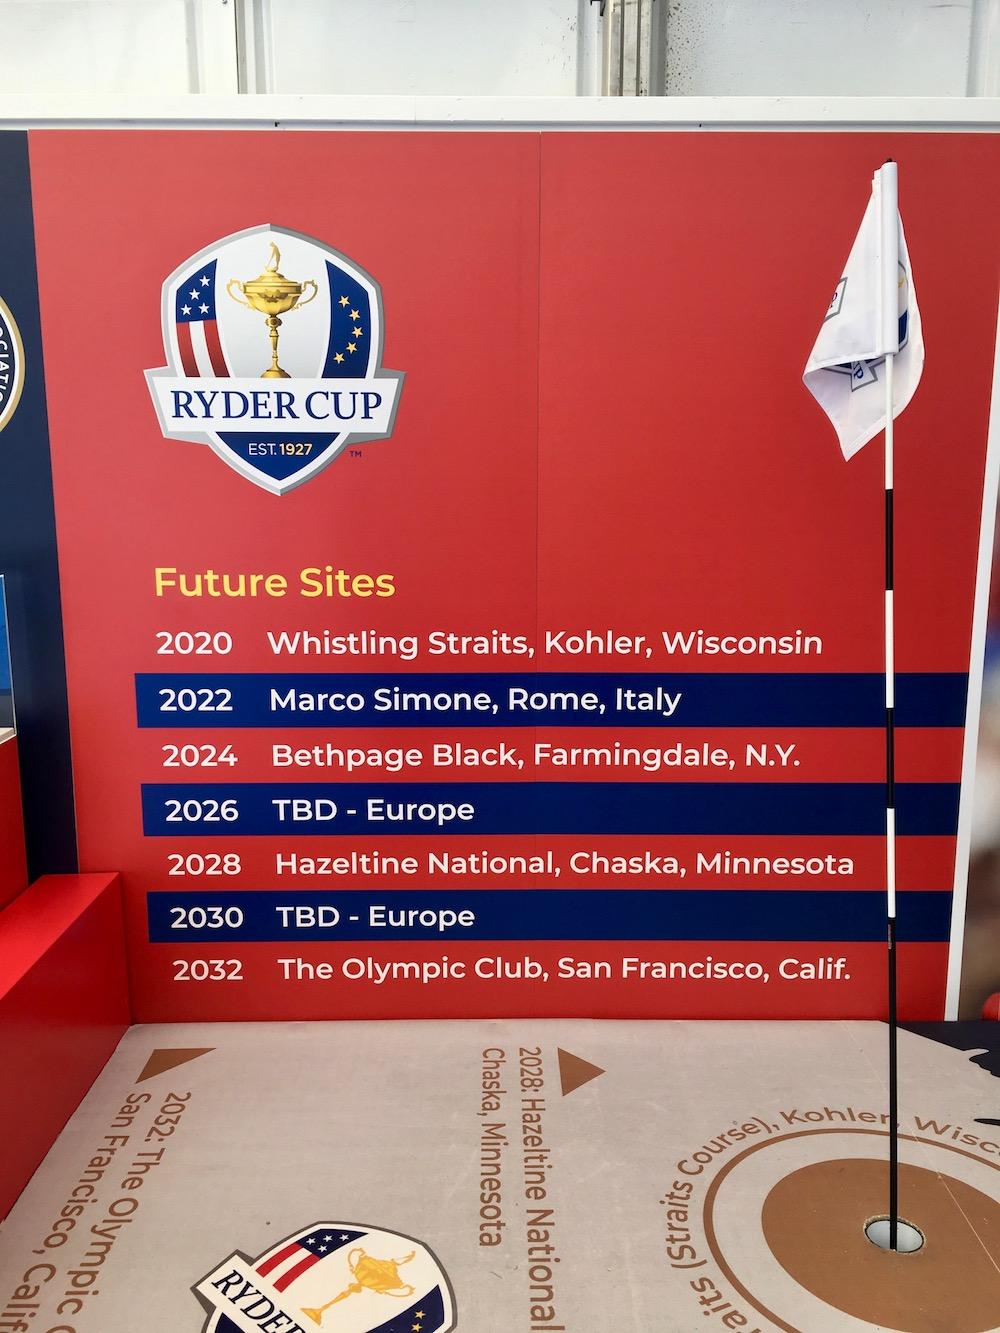 Golfs et pays des prochaines Ryder Cup de 2020 à 2032